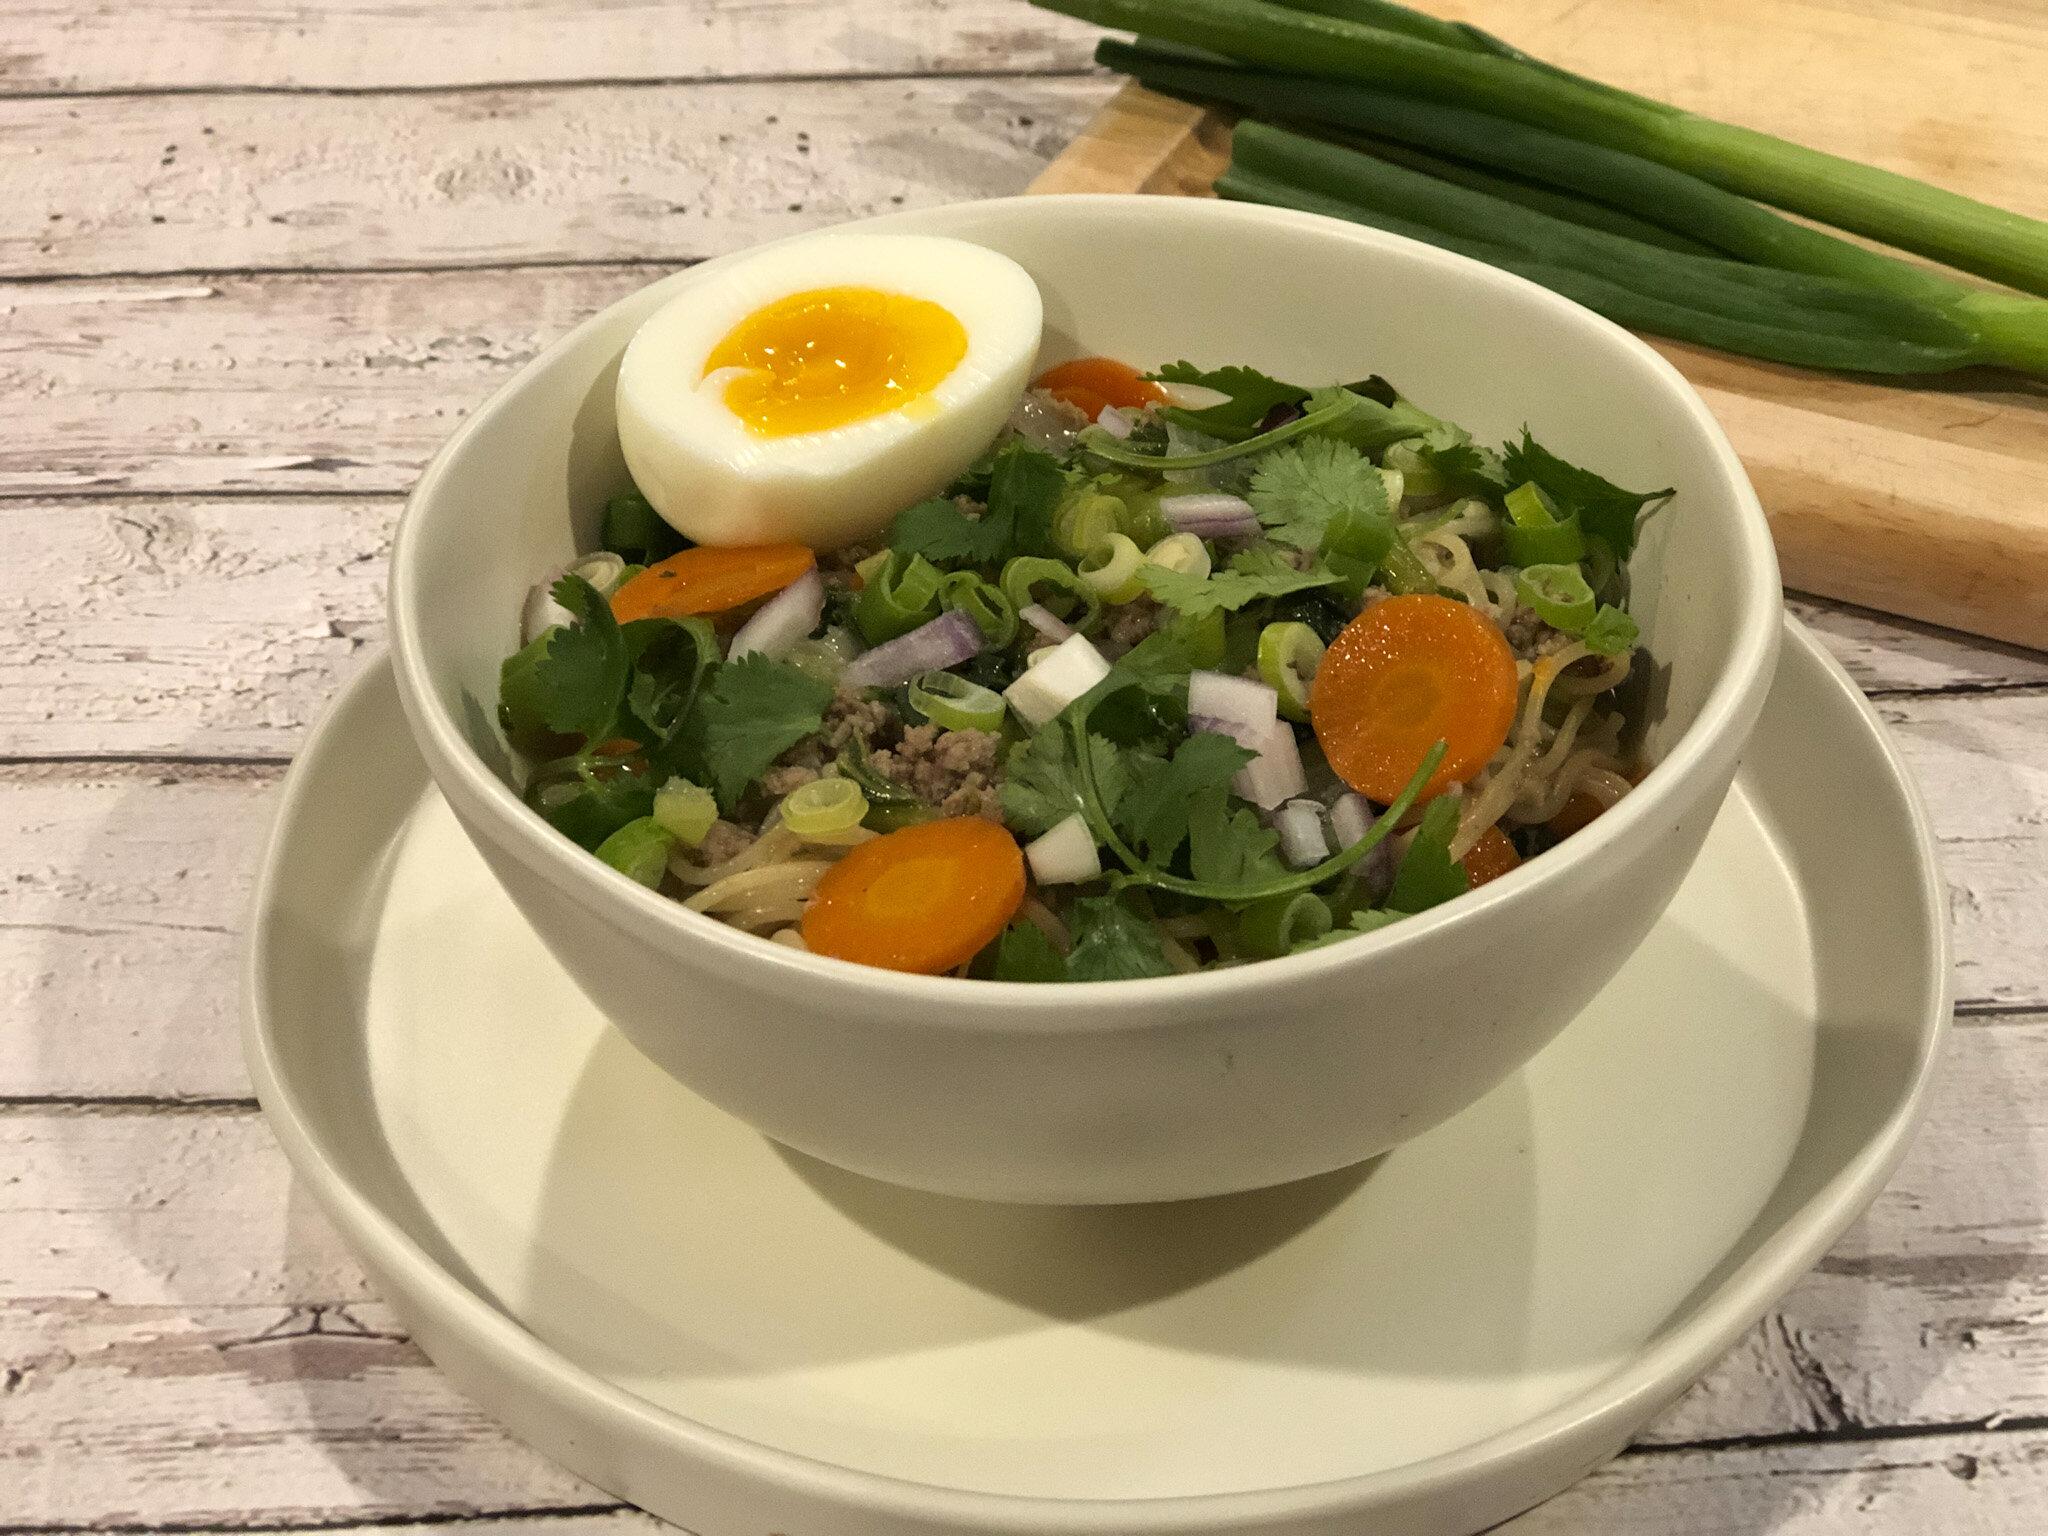 A bowl of the healthy ramen soup, Hanoi Ramen.